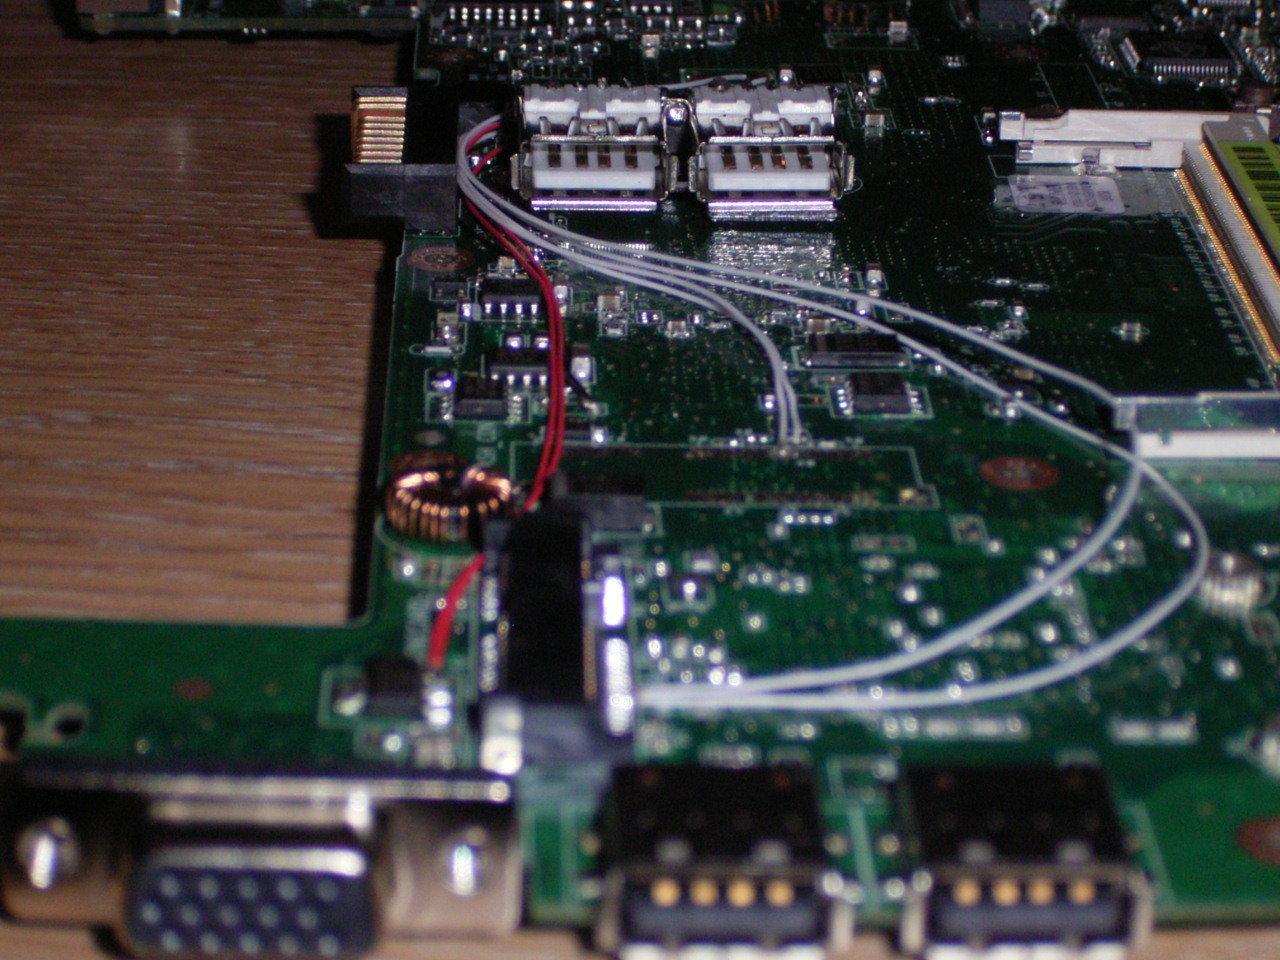 Asus Eee PC: interne USB-Port-Erweiterung